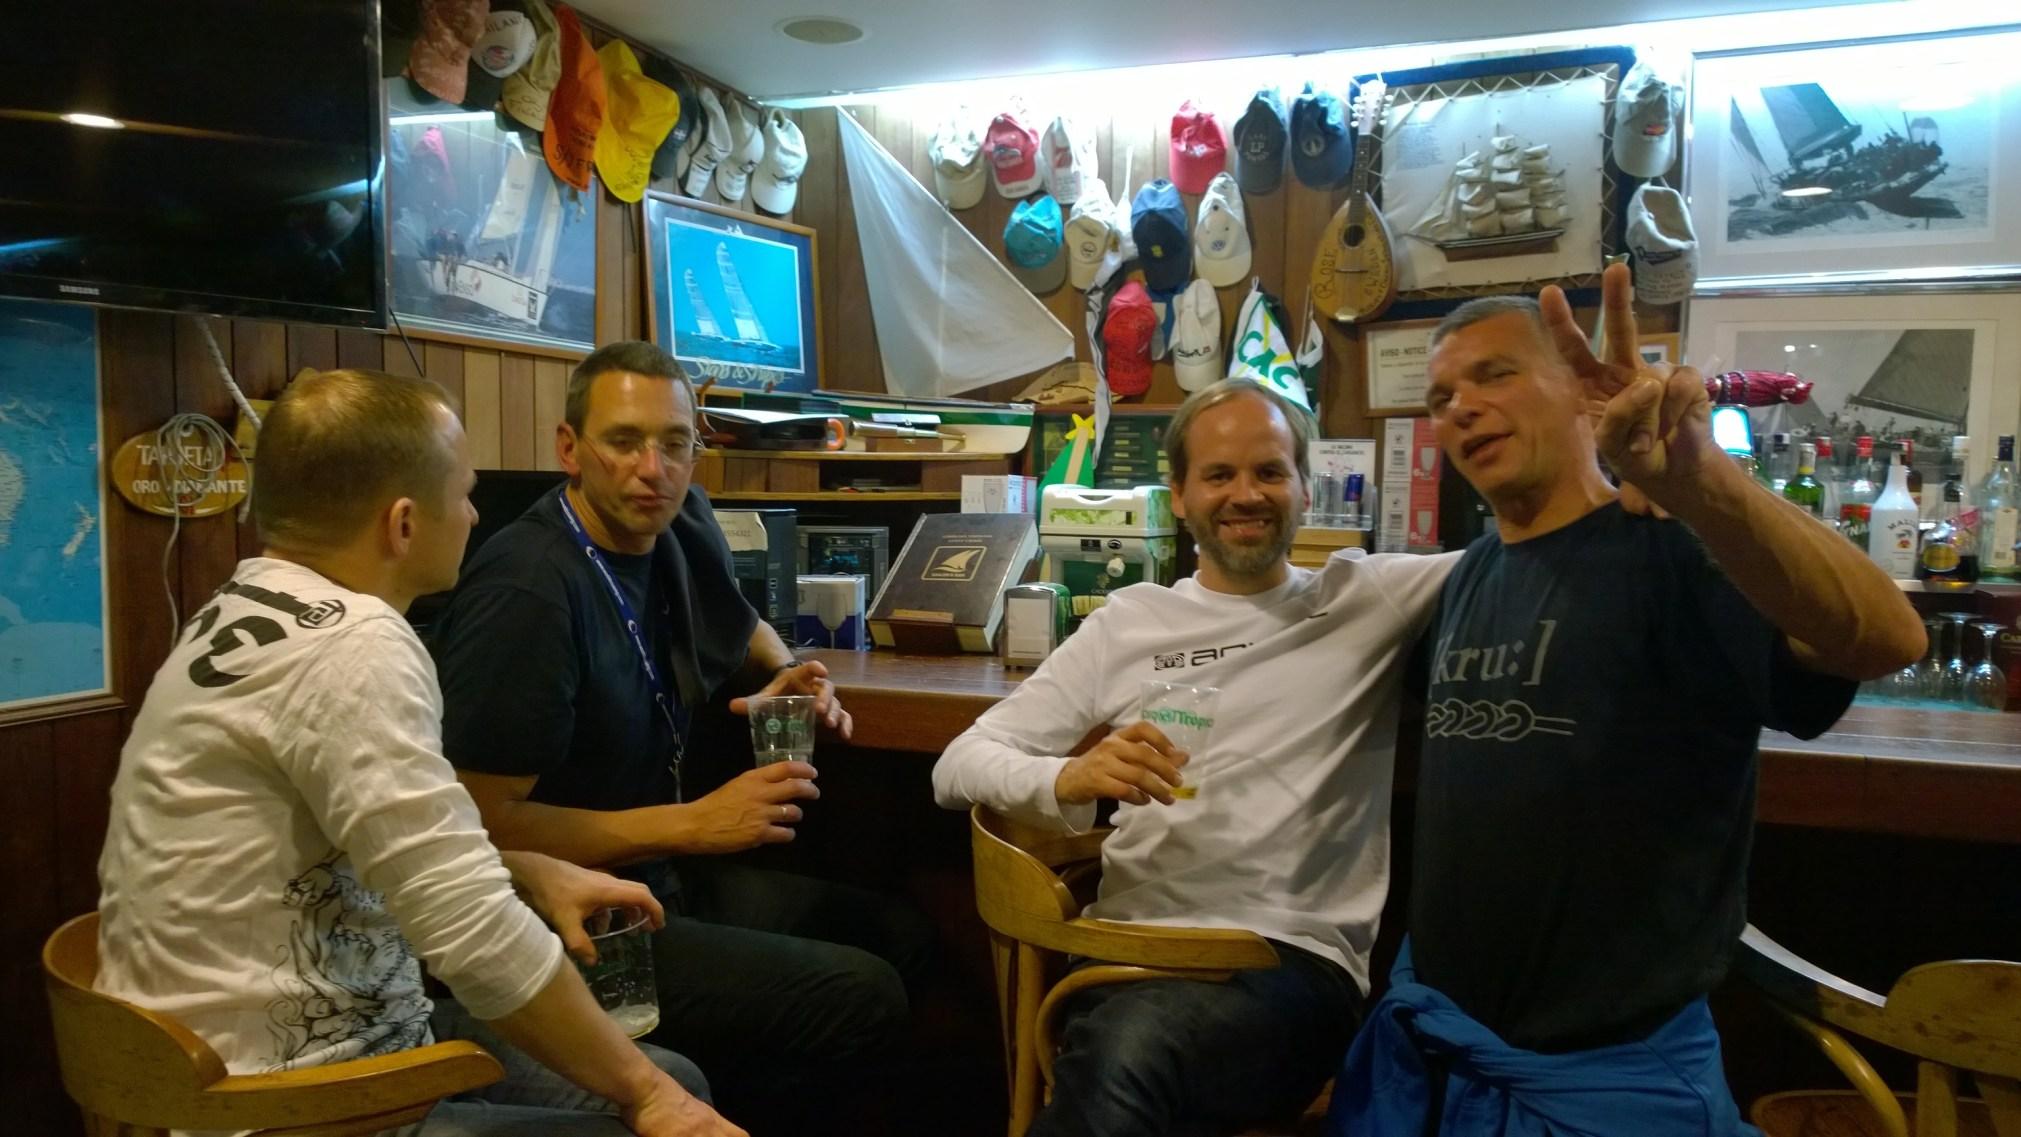 Jatkoimme iltaa Sailor Barissa saksalaisen Bavarian miehistön kanssa.